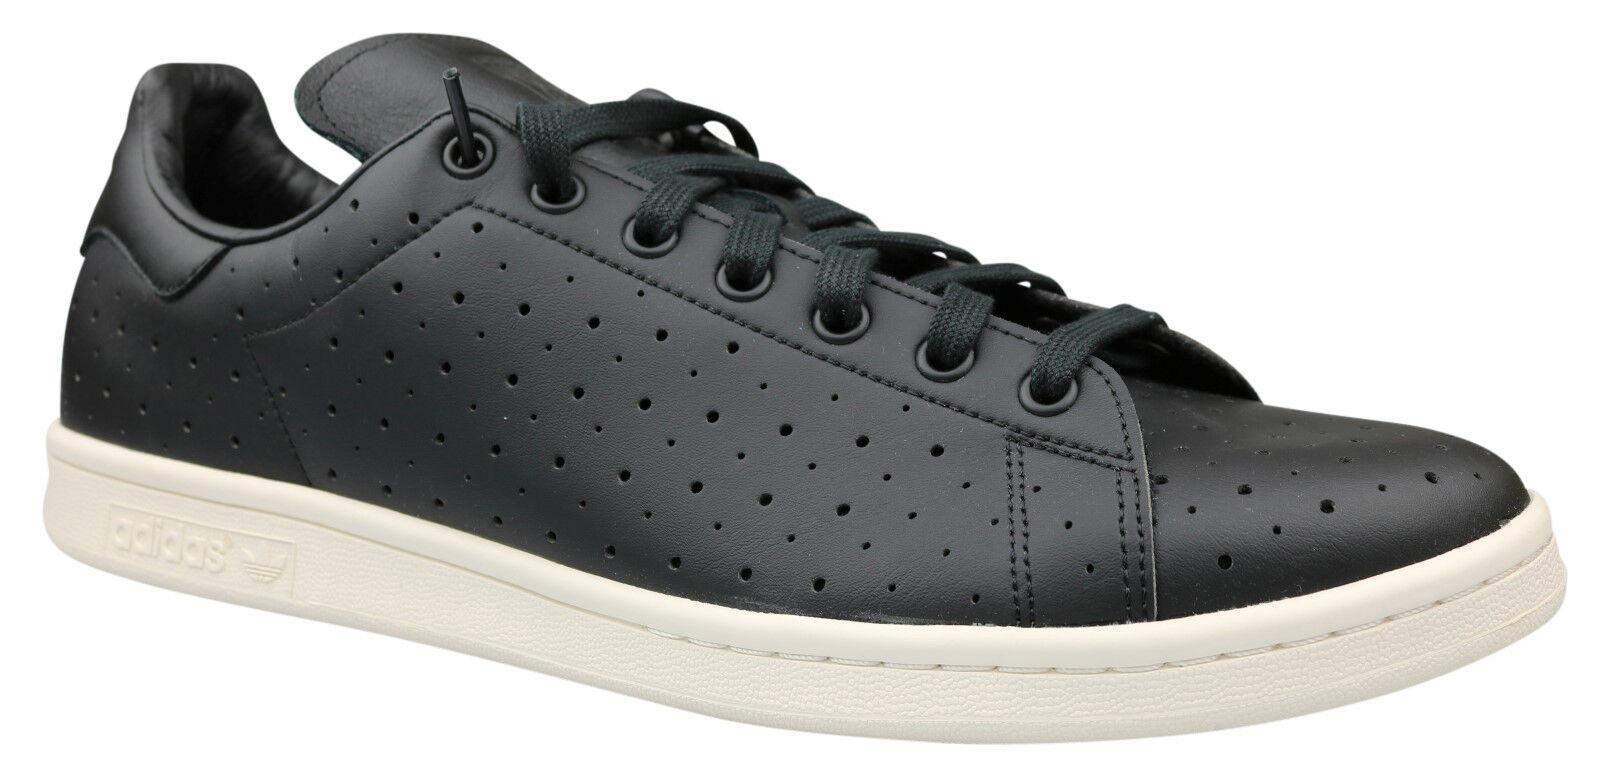 Adidas Stan Smith señores cortos de cuero zapatos negro talla 49 1 3 s75077 nuevo & OVP